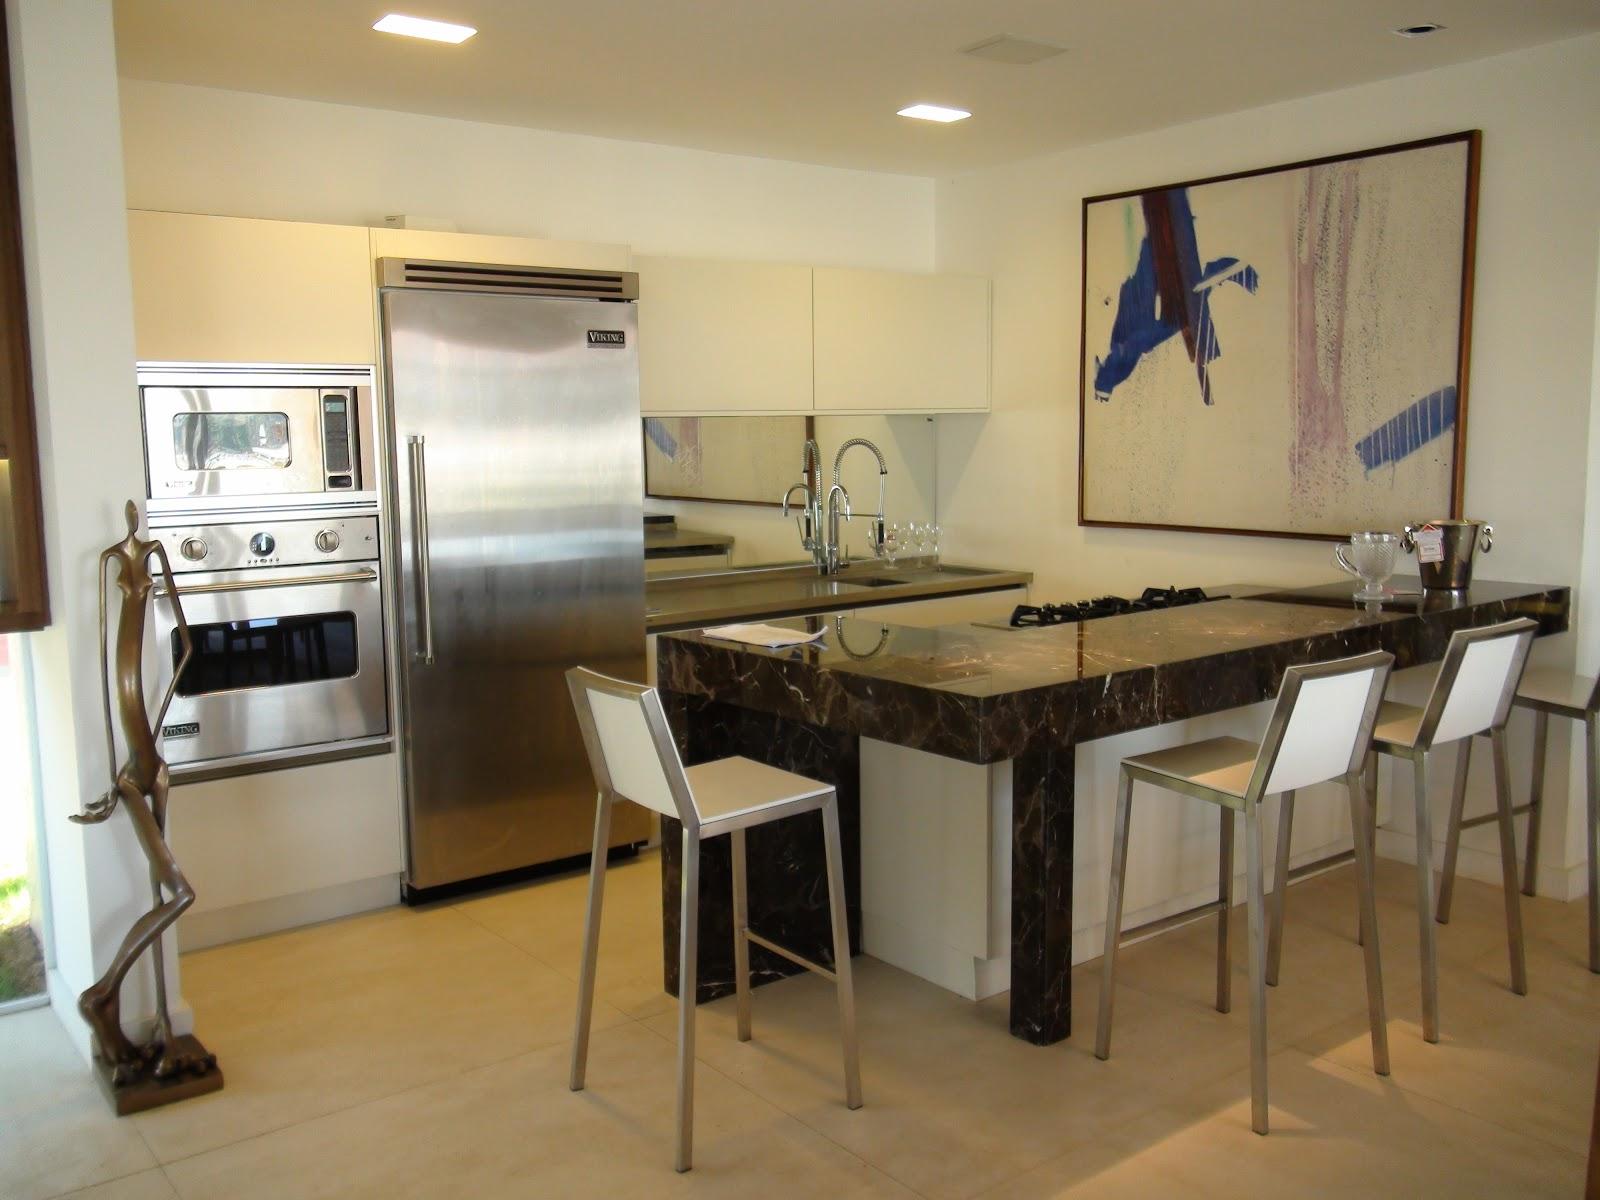 #604A2E bancada para cozinha americana fotos e modelos 1600x1200 px Banquetas Para Cozinha Americana Ponto Frio_2851 Imagens